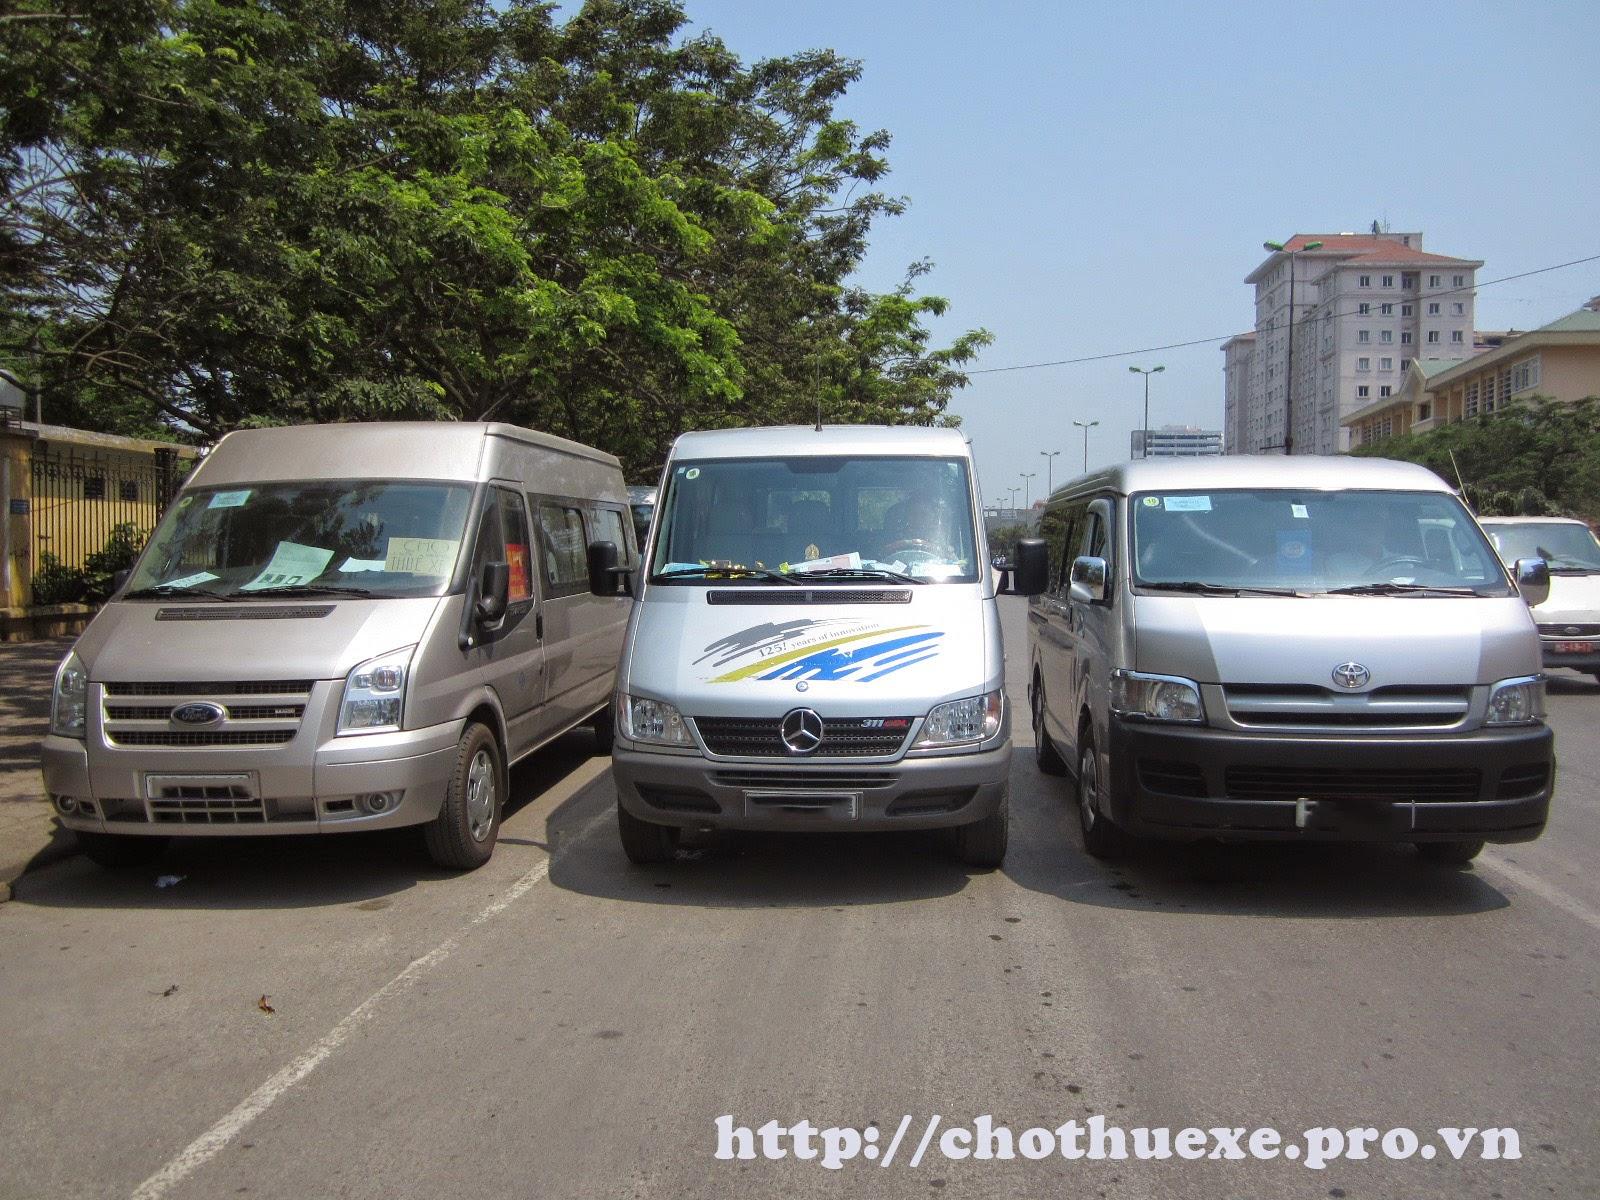 Cho thuê xe đưa đón công nhân về quê ăn tết Ất Mùi - 2015